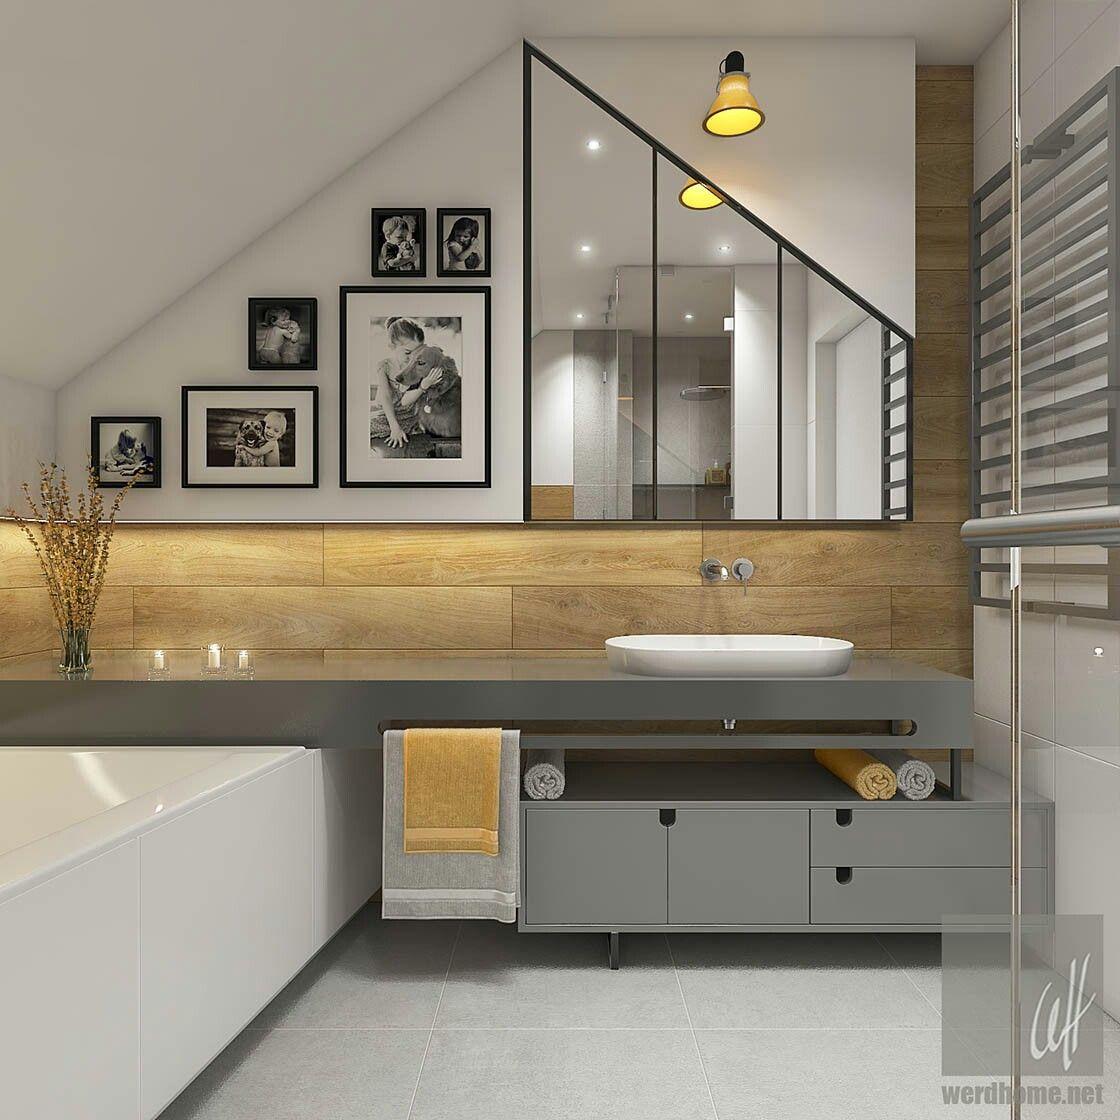 Badezimmer, Inneneinrichtung, Haus, Wohnen, Modernes Badezimmerdesign, Moderne  Badezimmer, Waschraum, Dachboden, Zukünftiges Haus